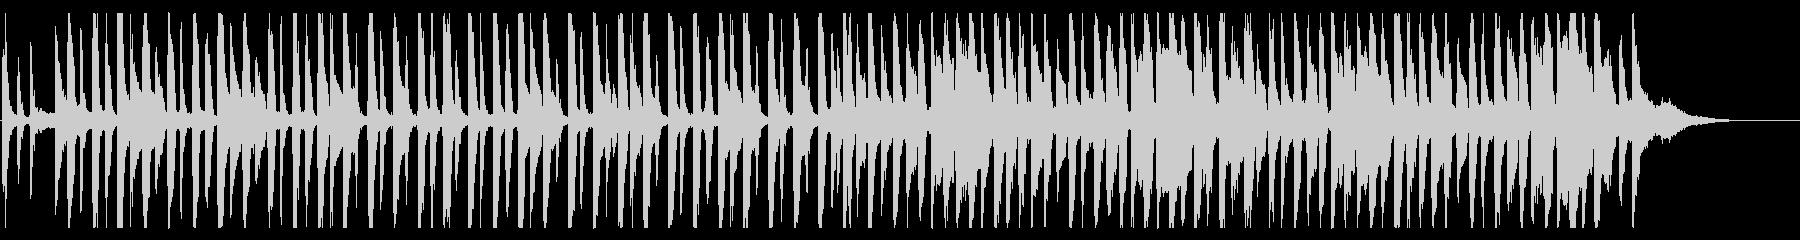 ラフなレゲエ_4の未再生の波形